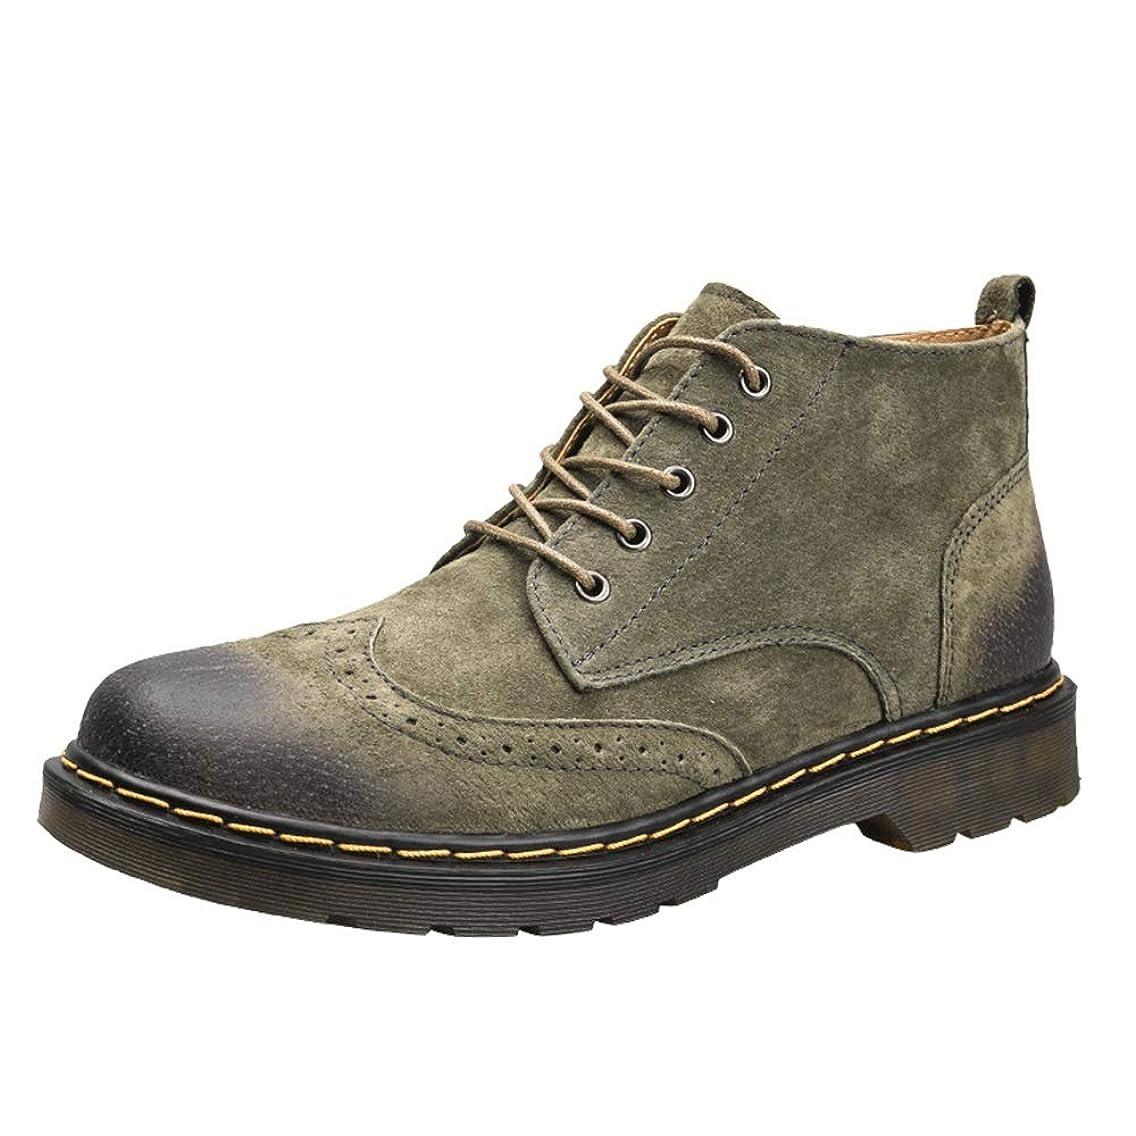 証明する相関するインポートCHENJUAN 靴メンズファッションアンクルブーツカジュアルシンプルで快適なレトロブローグスタイルひもで締めますハイトップブーツ